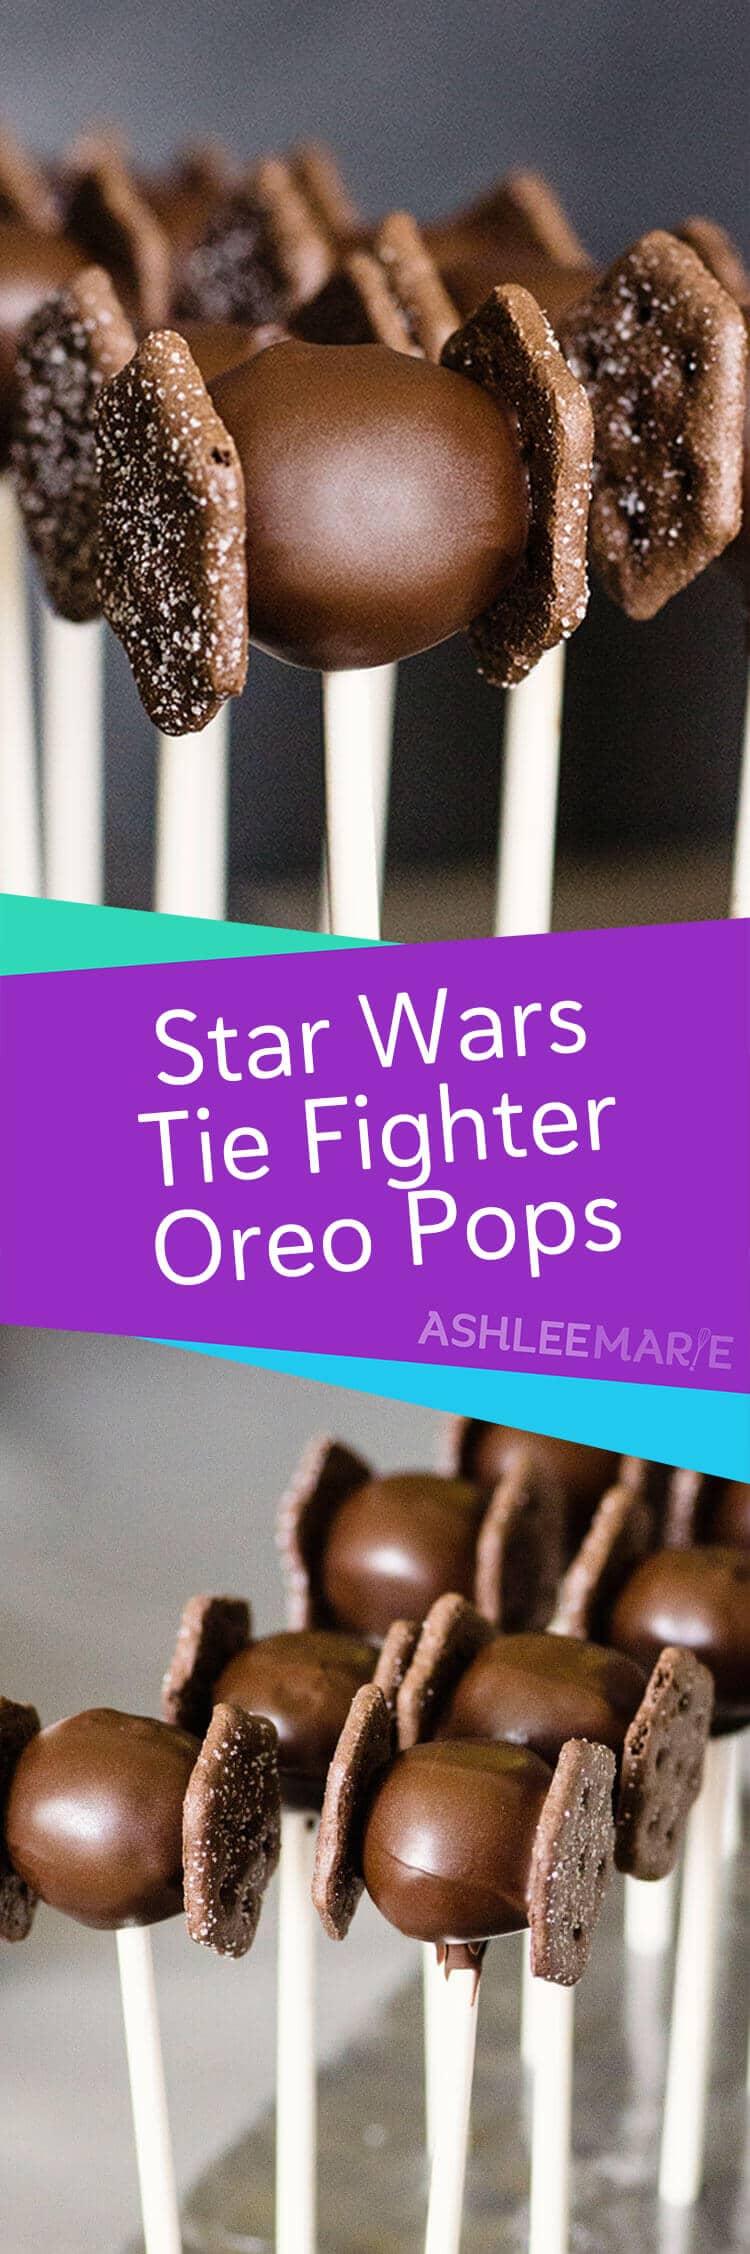 star wars tie fighter oreo pop